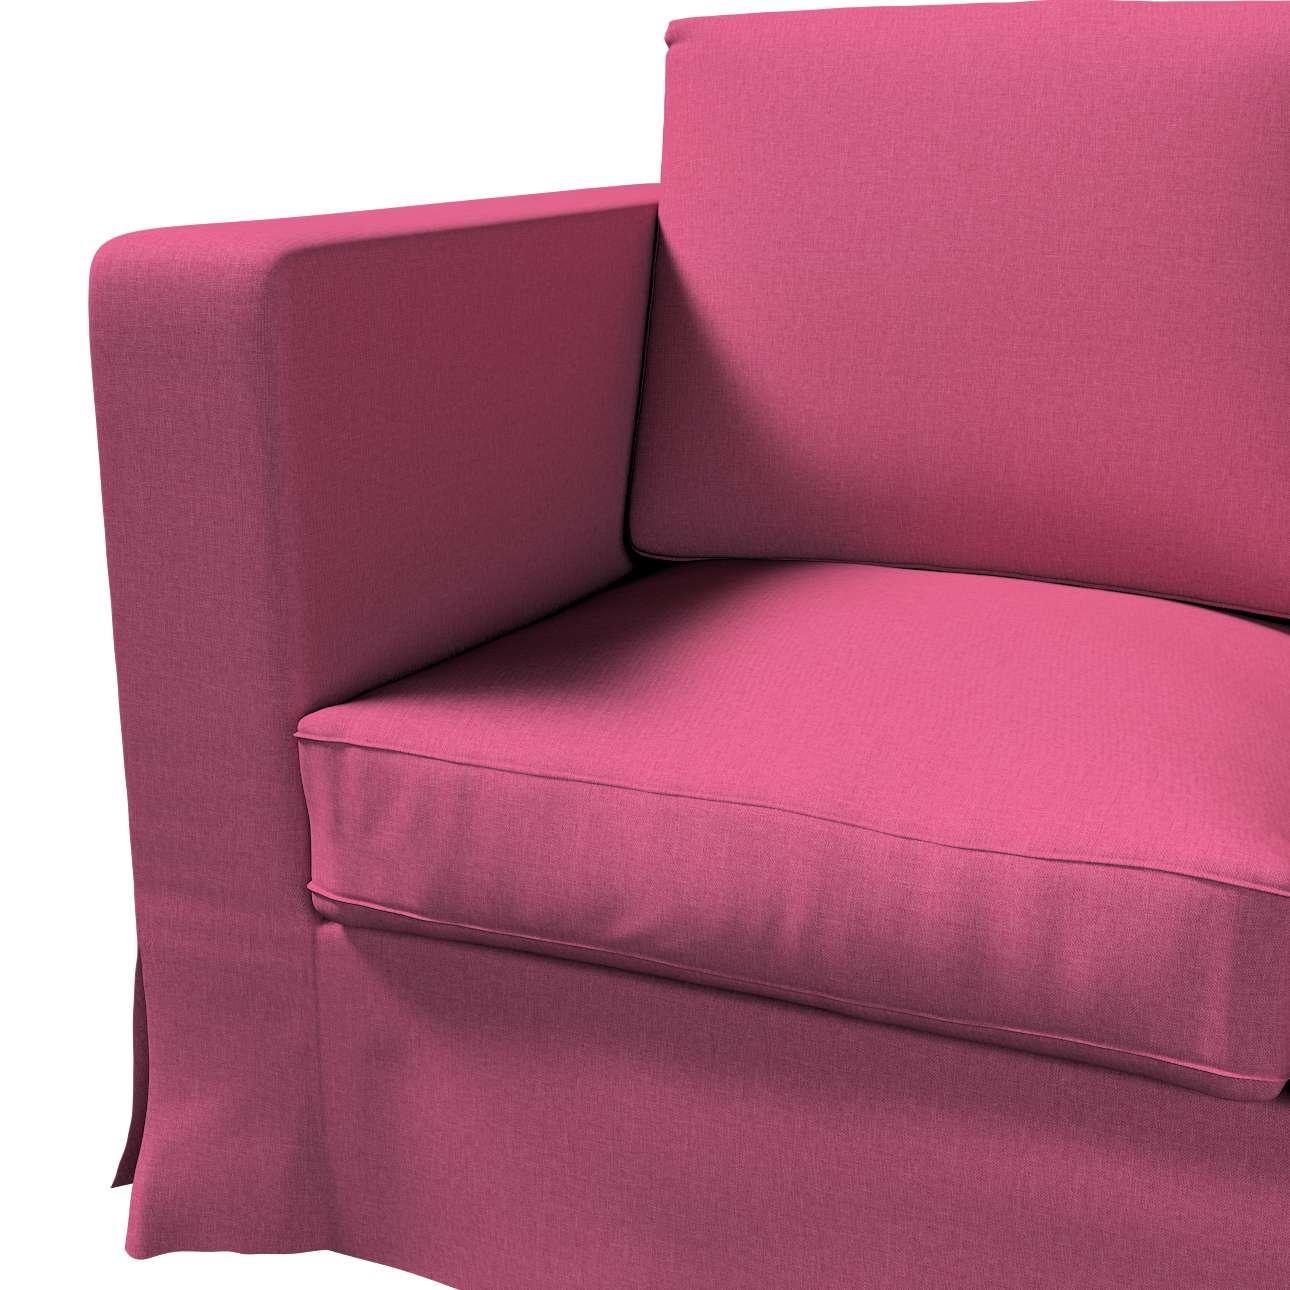 Potah na pohovku IKEA  Karlanda 3-místná nerozkládací, dlouhý v kolekci Living, látka: 160-44